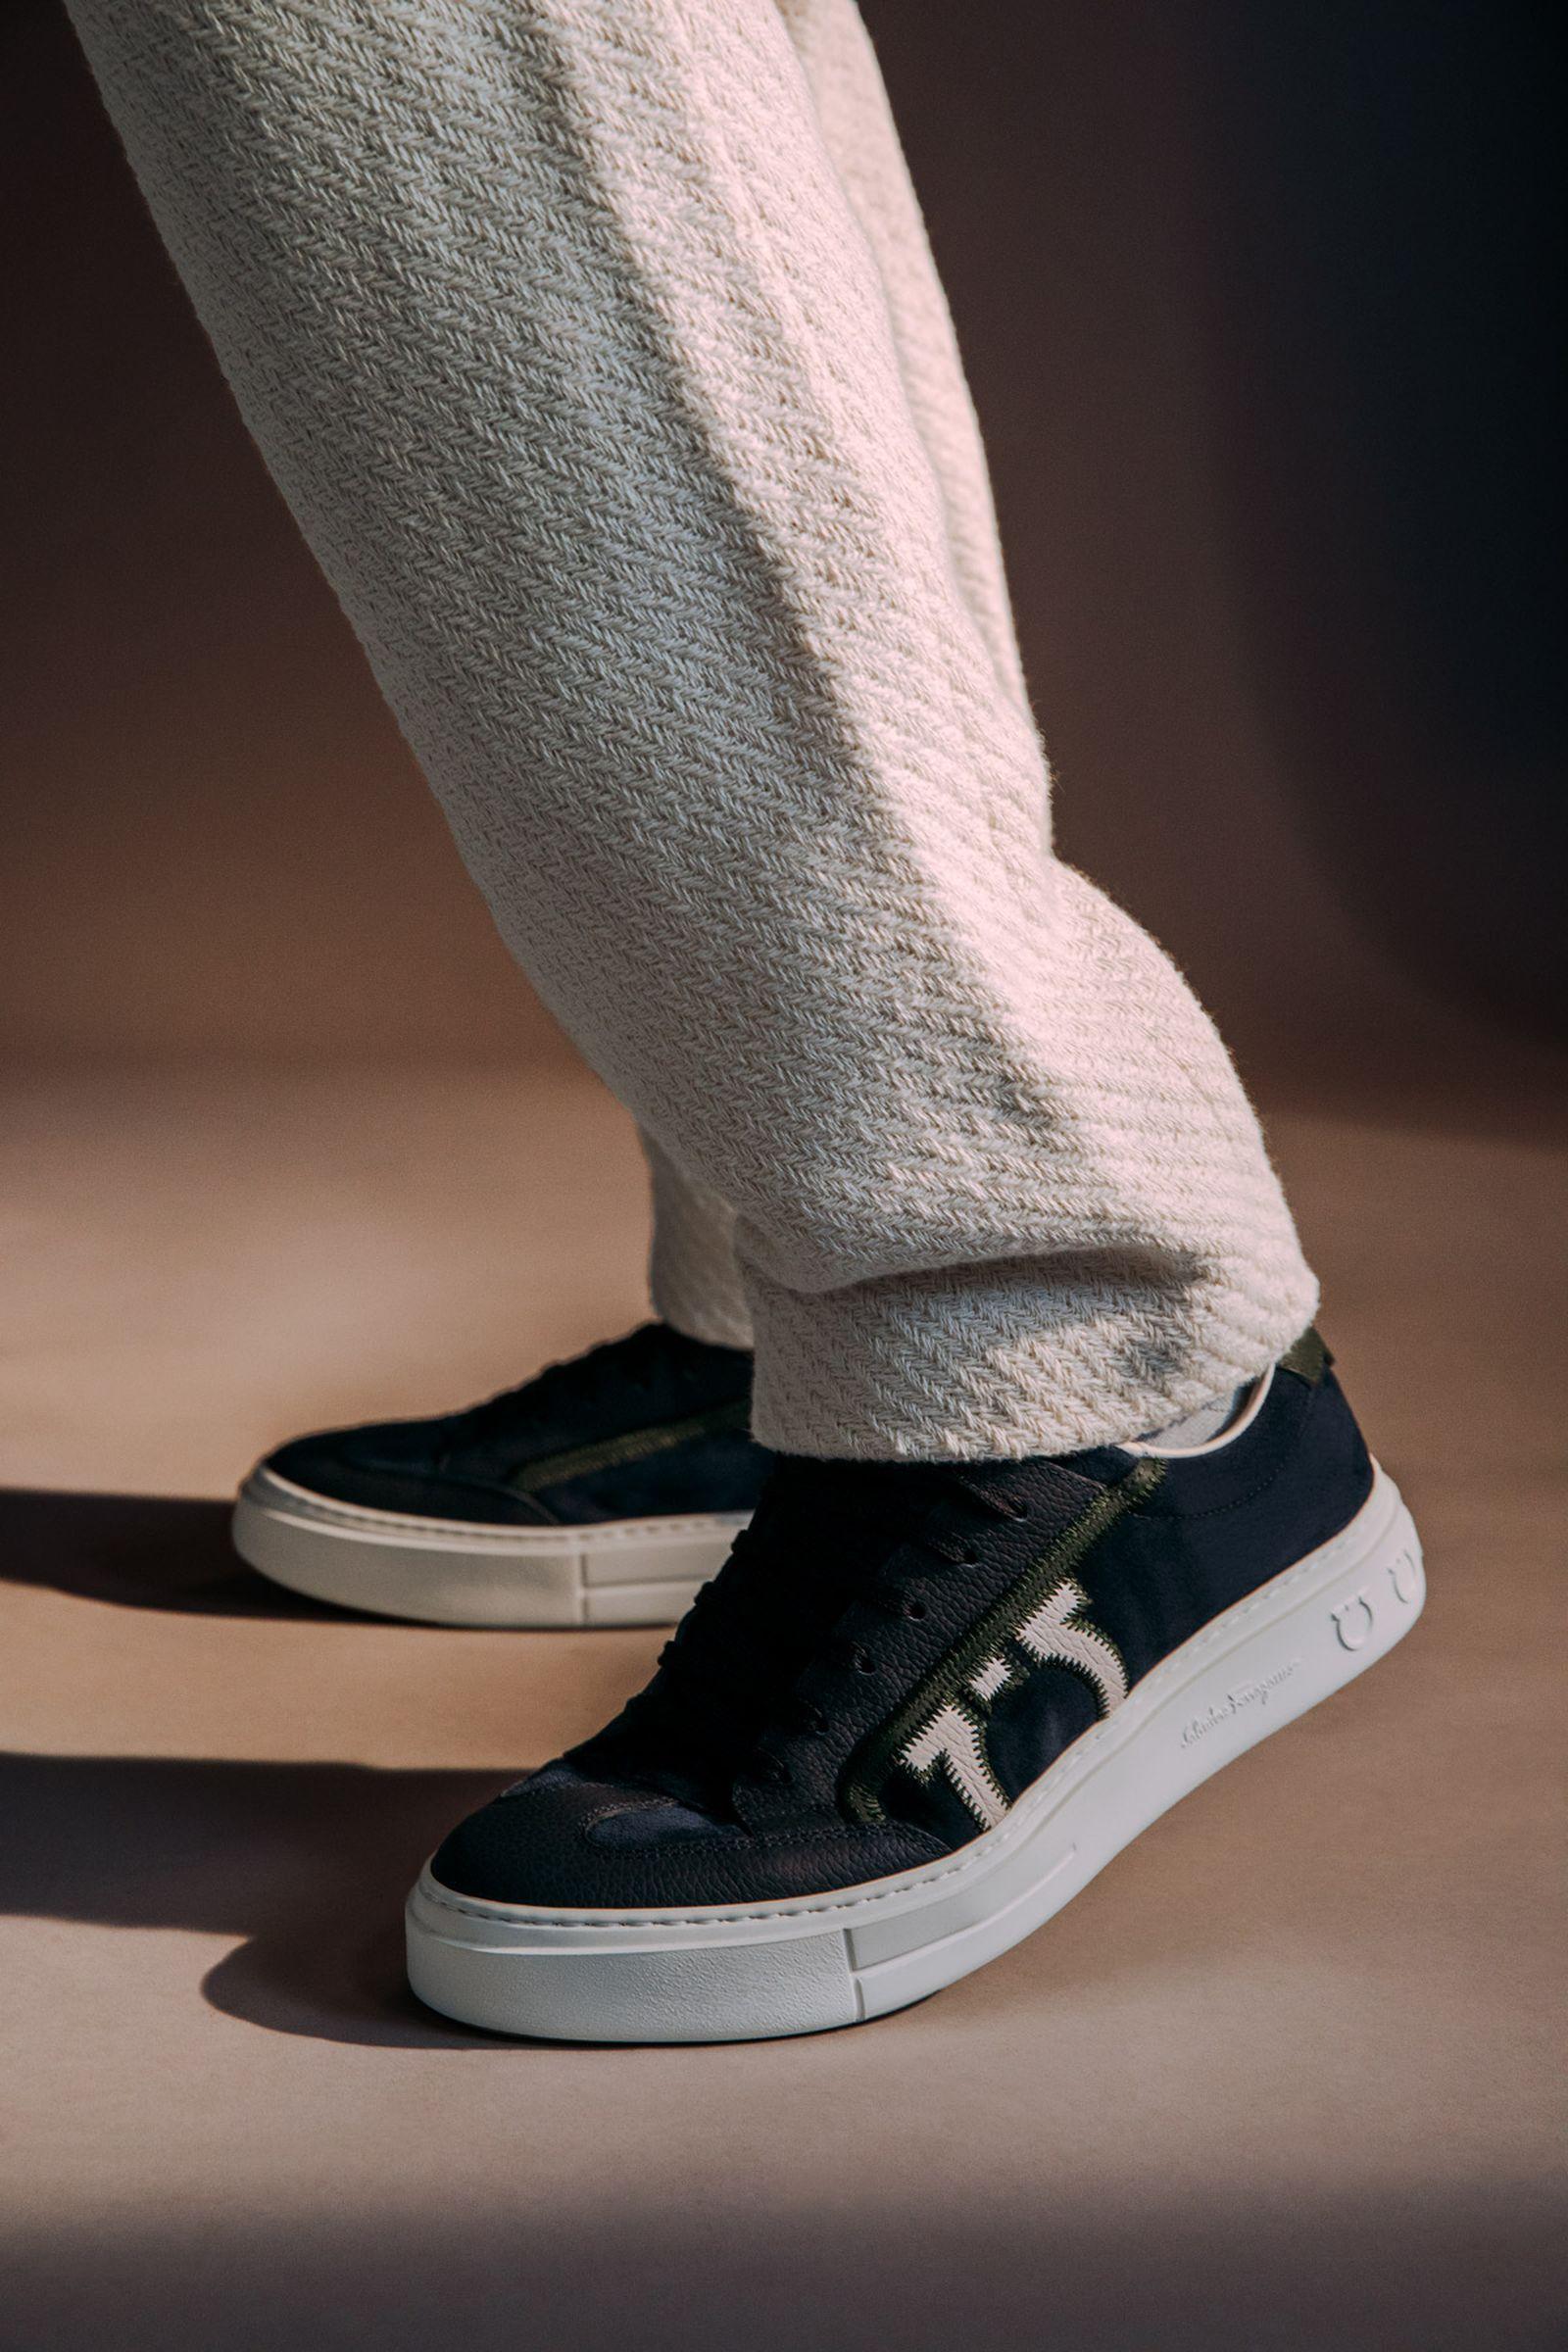 ferragamo-footwear-style-guide-05